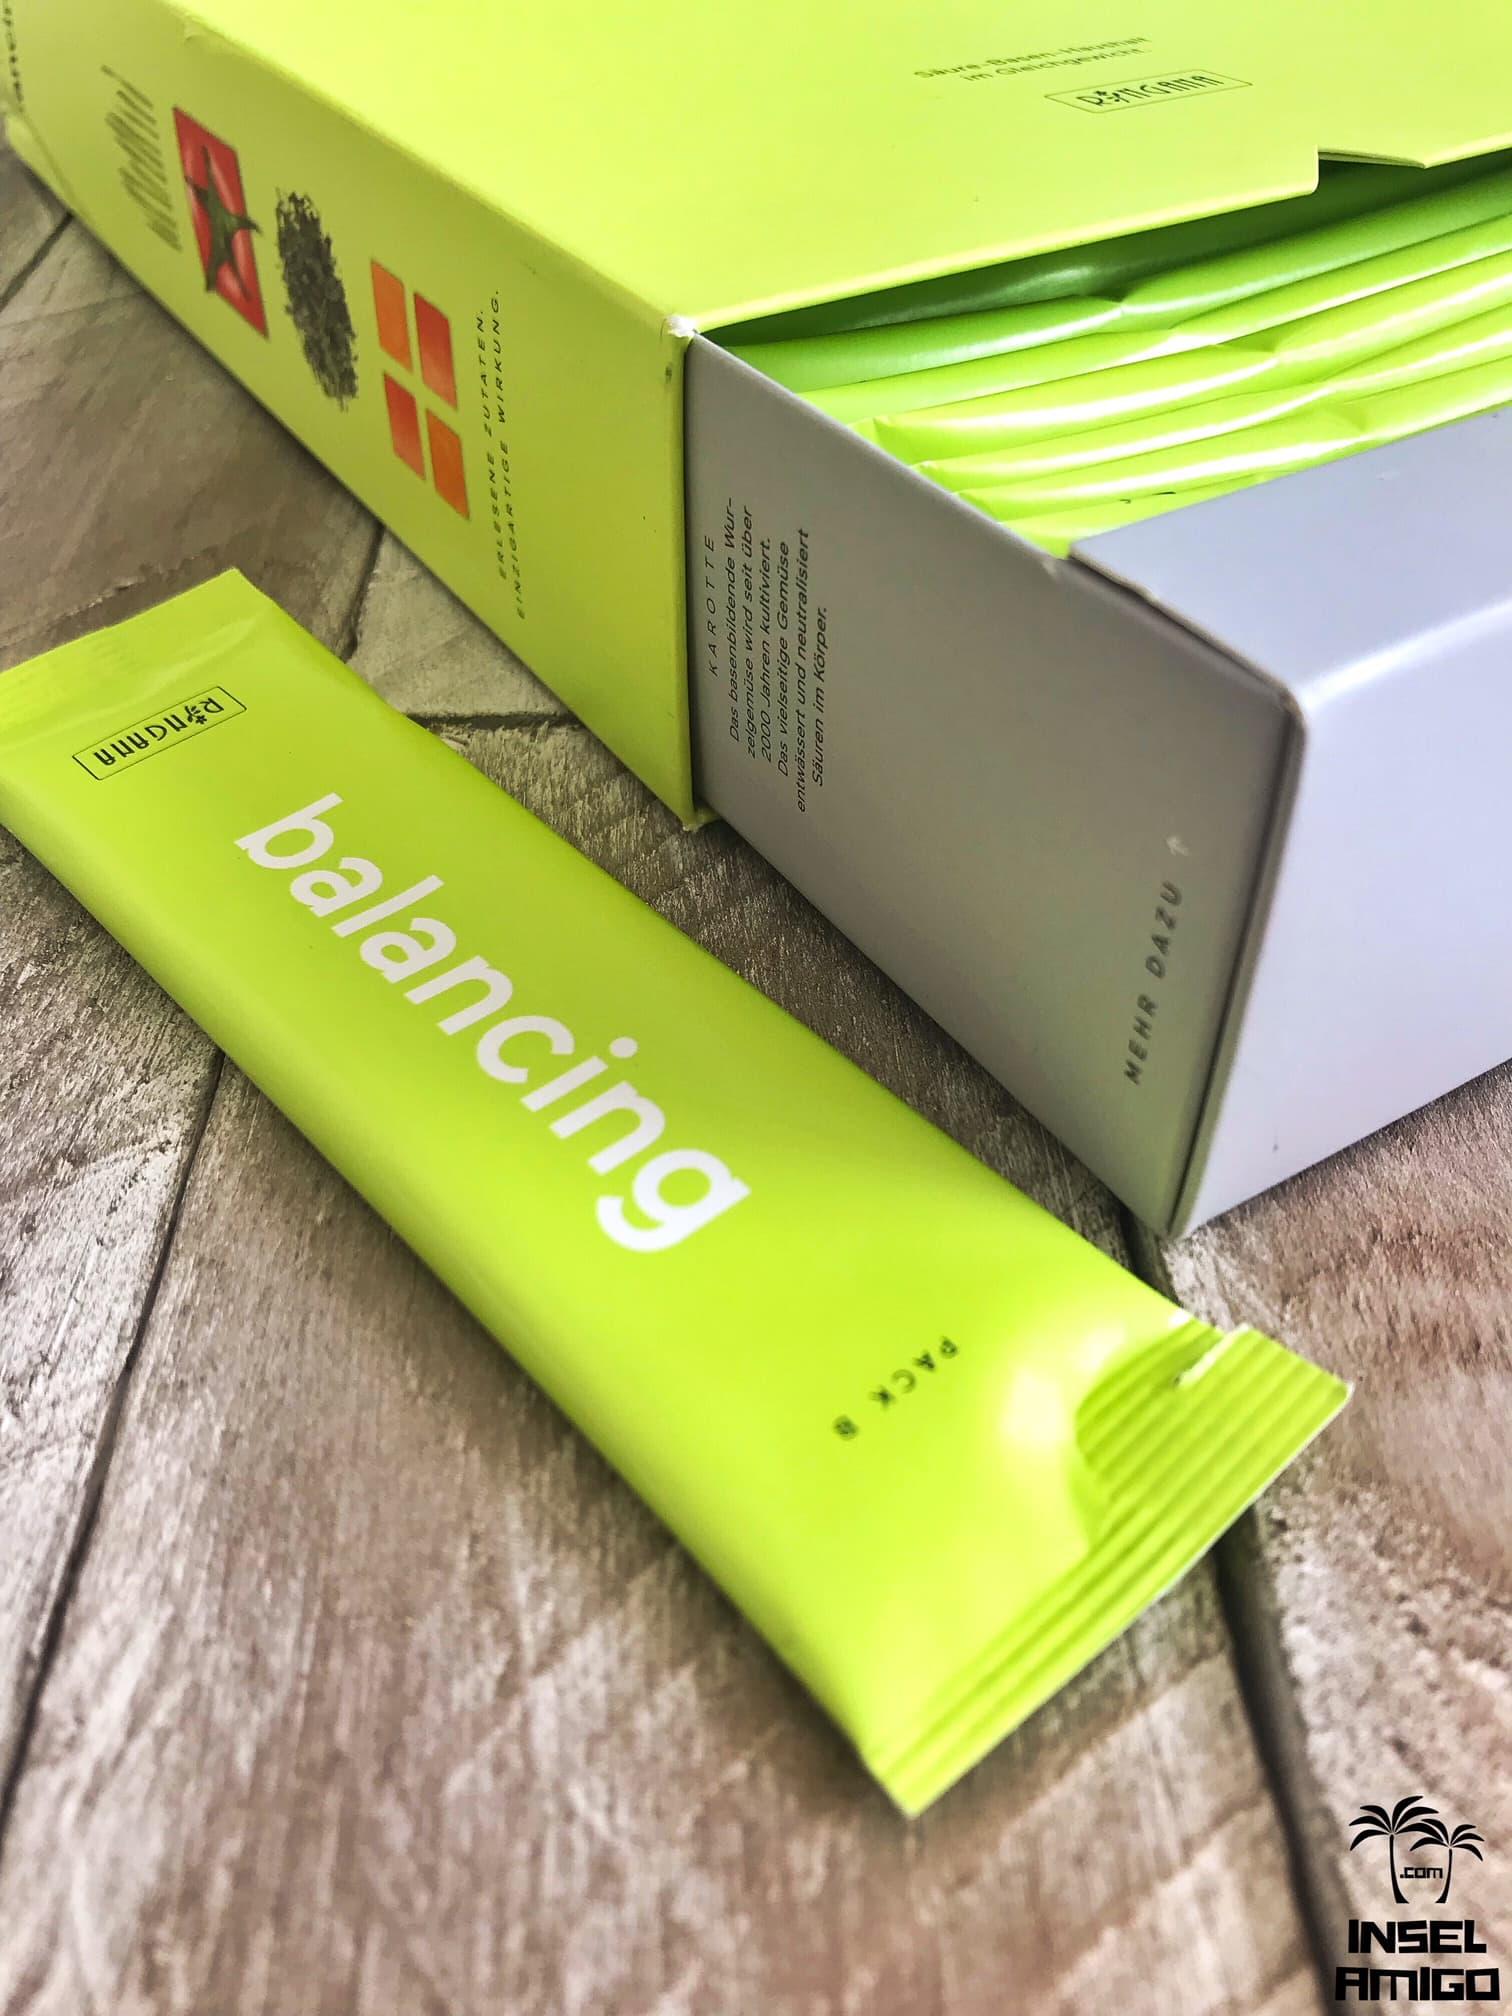 Das PACK balancier bringt Deinen Säure-Basen-Haushalt in's Gleichgewicht - Foto by Inselamigo